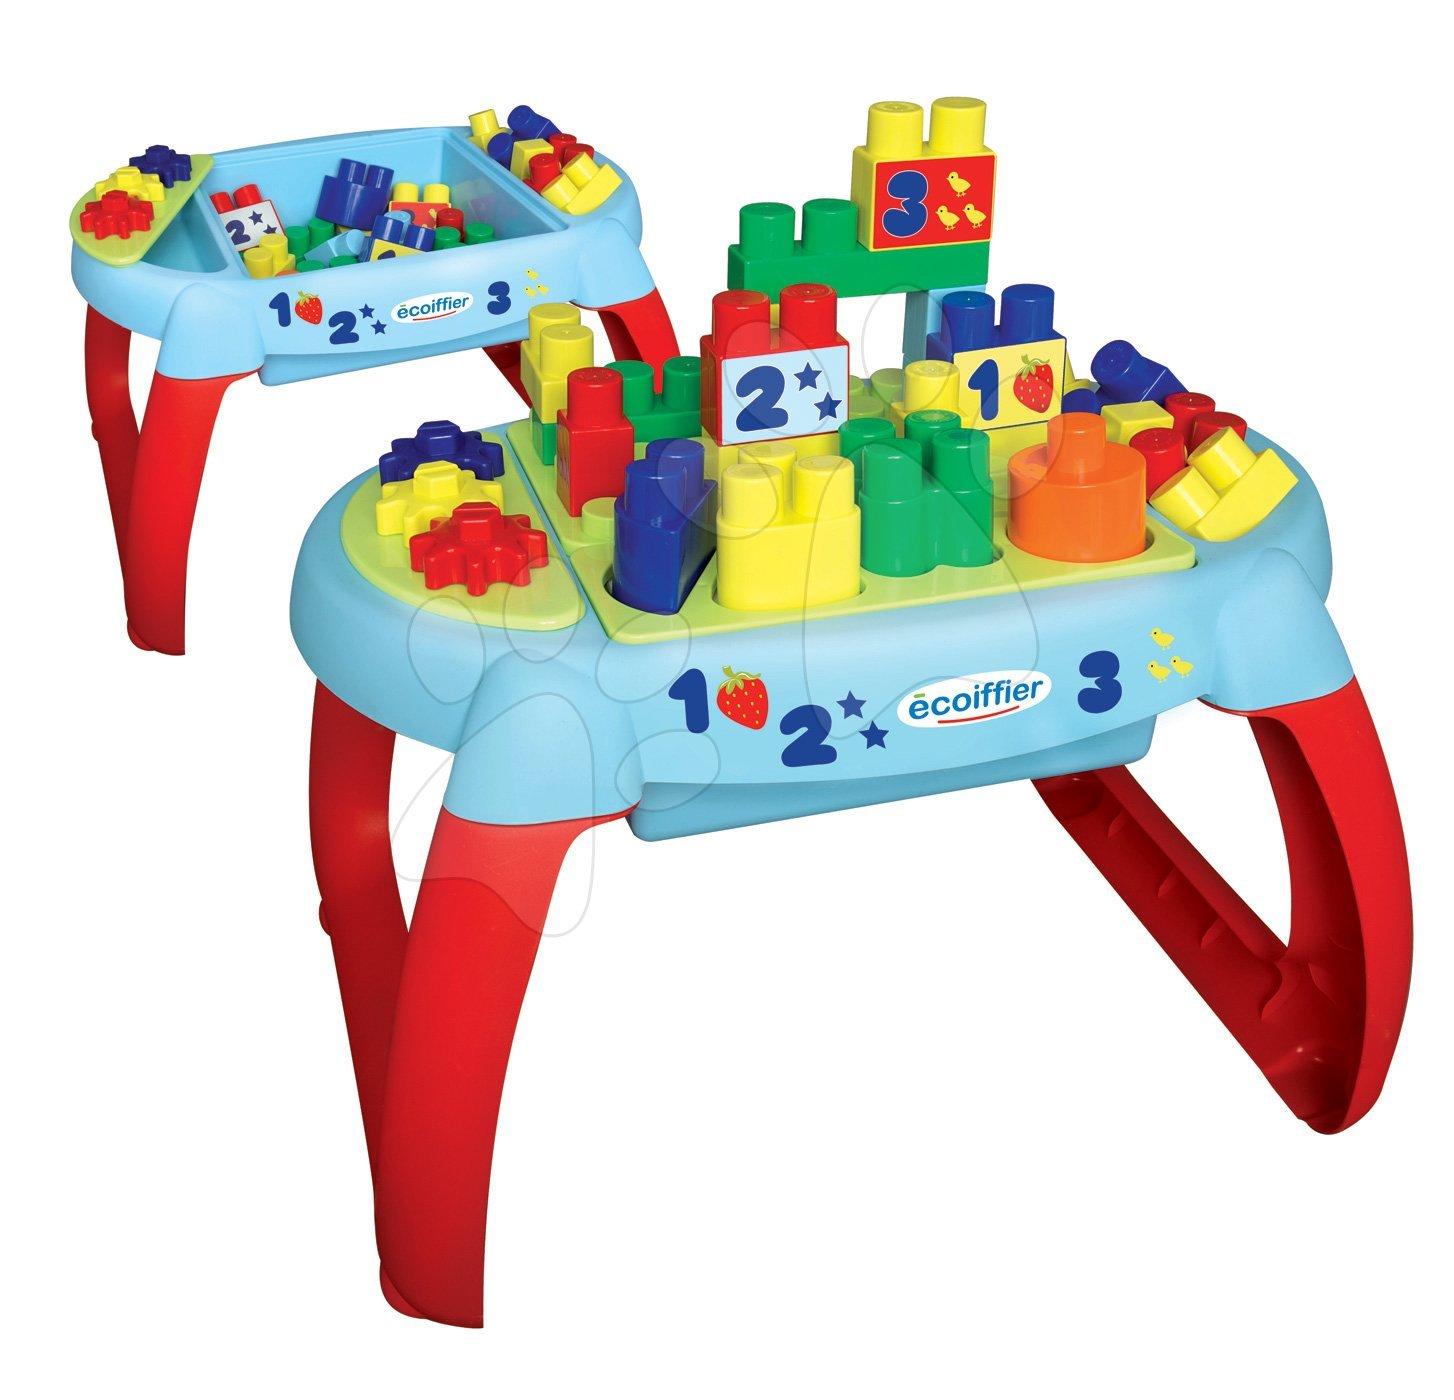 Stavebnice pro miminka Les Maxi Écoiffier stolek 32 kostek různých tvarů od 12 měsíců